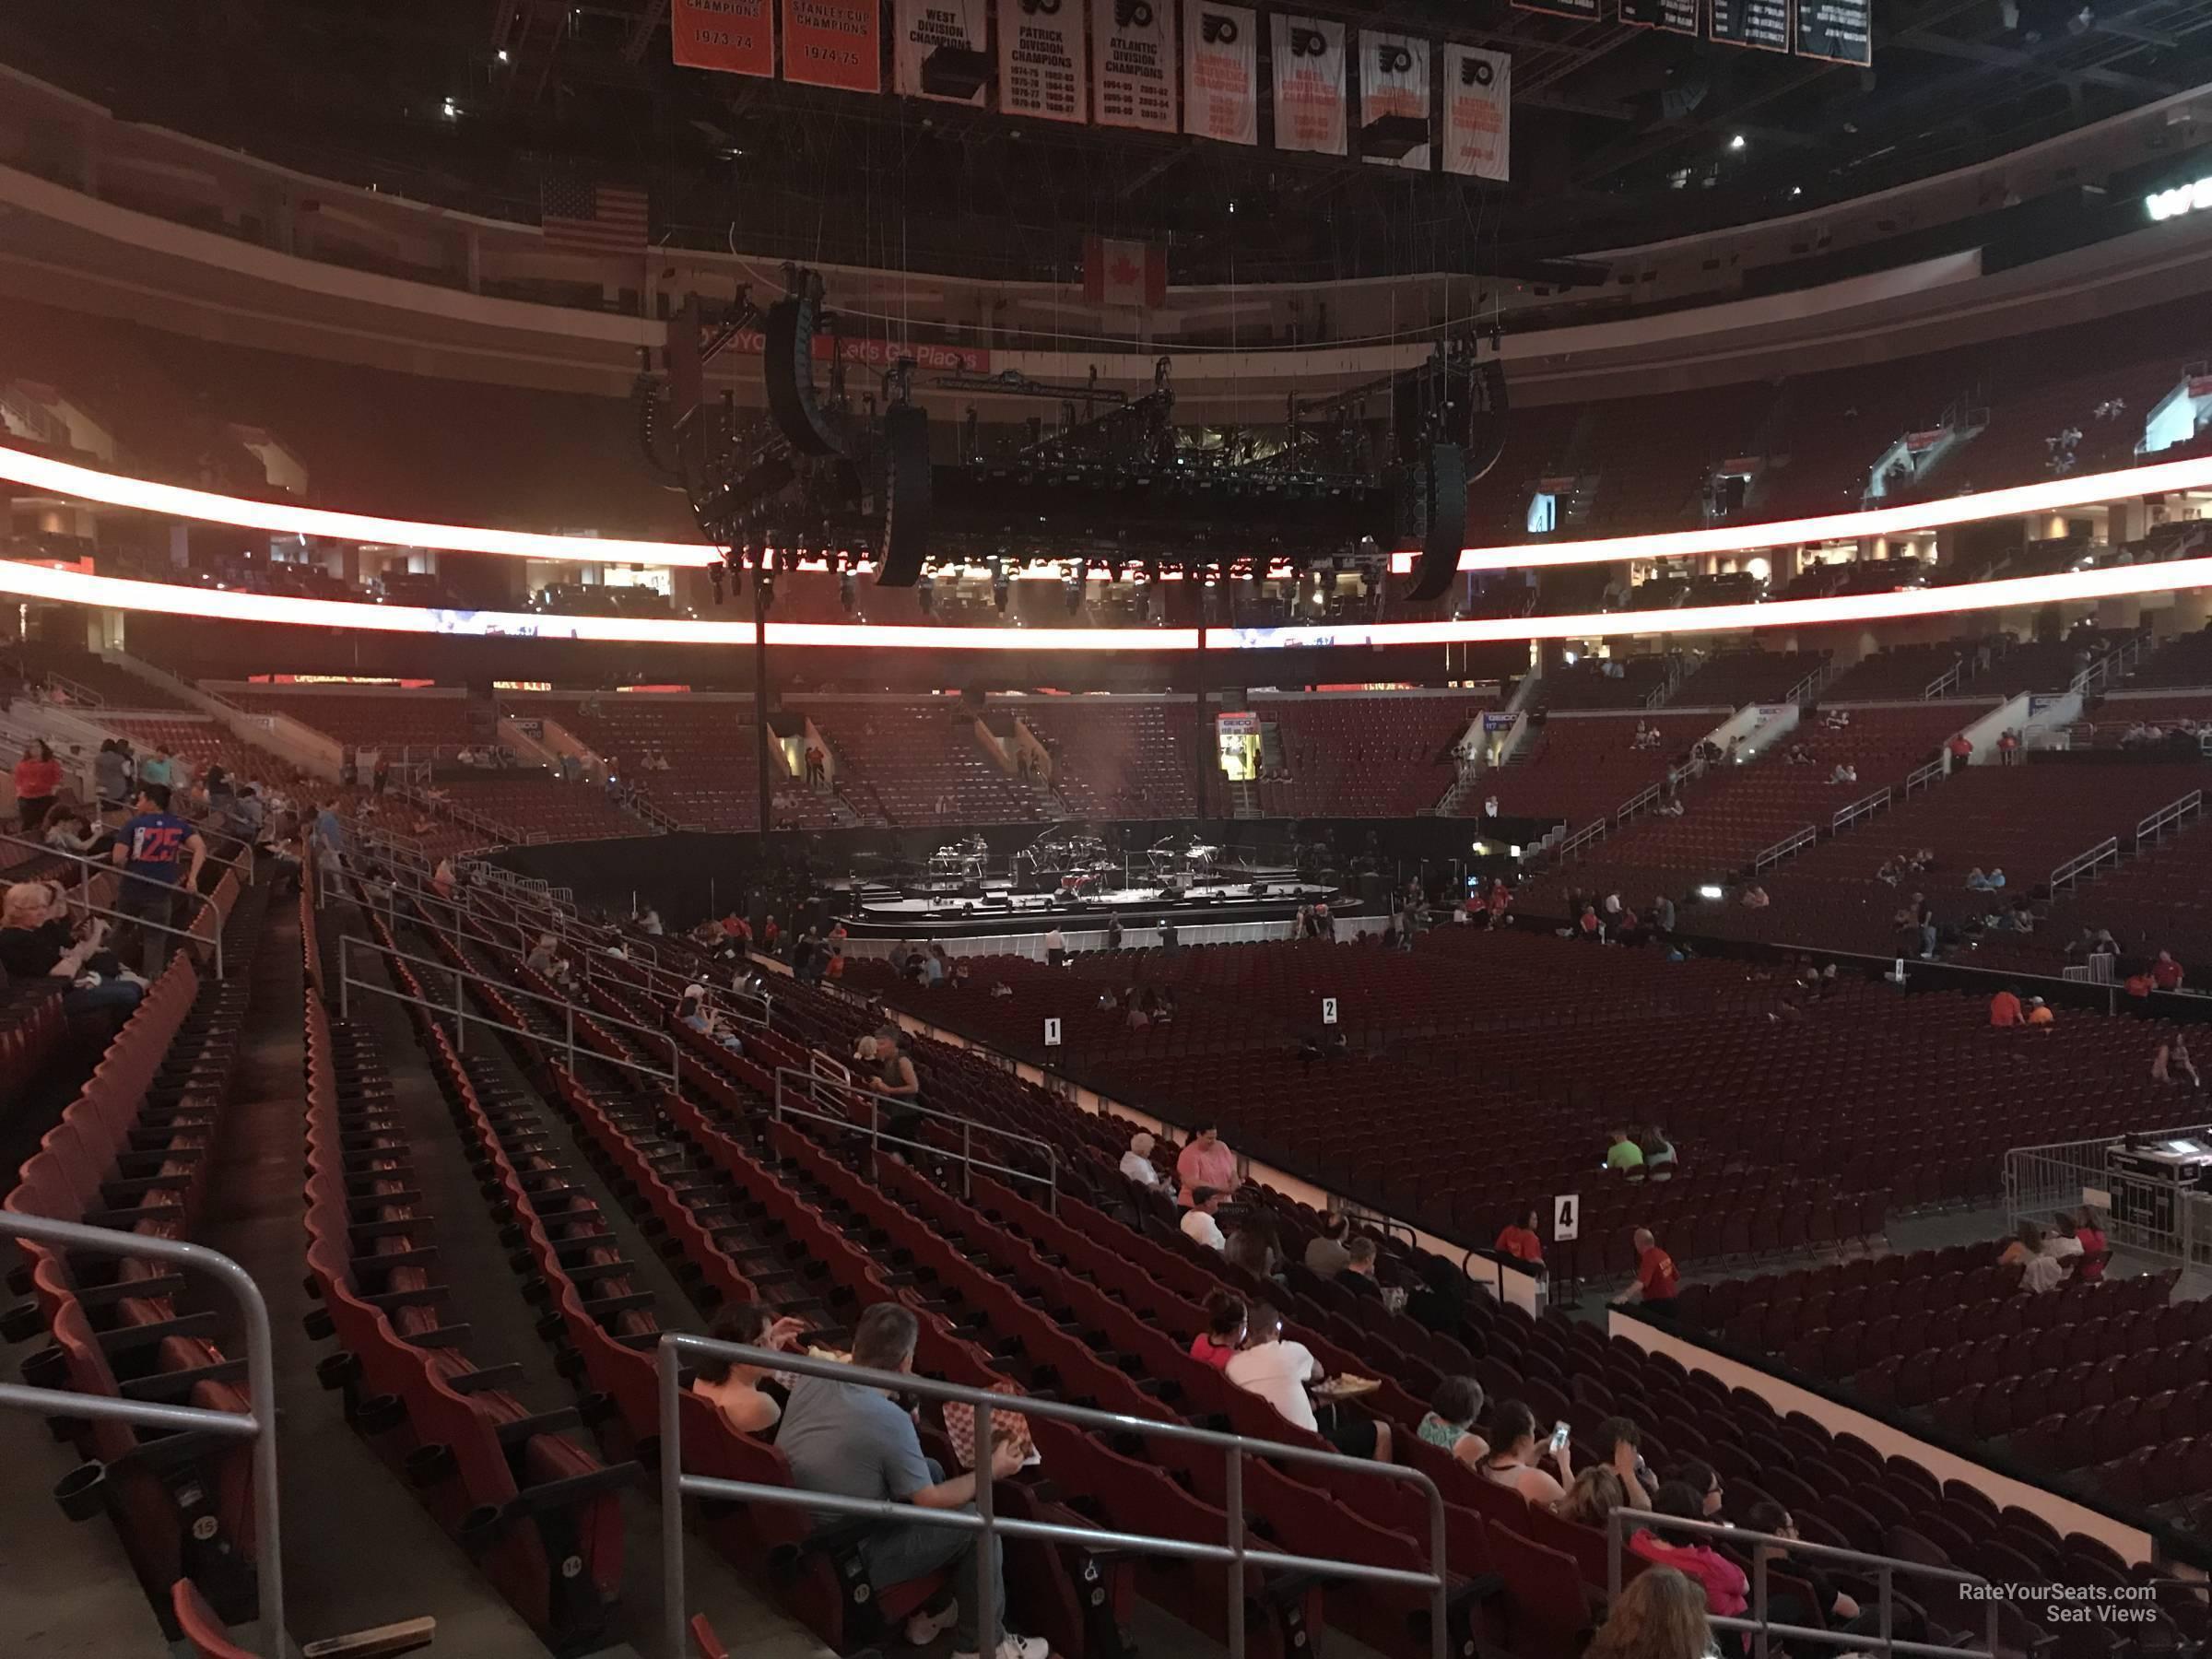 Wells Fargo Center Section 104 Concert